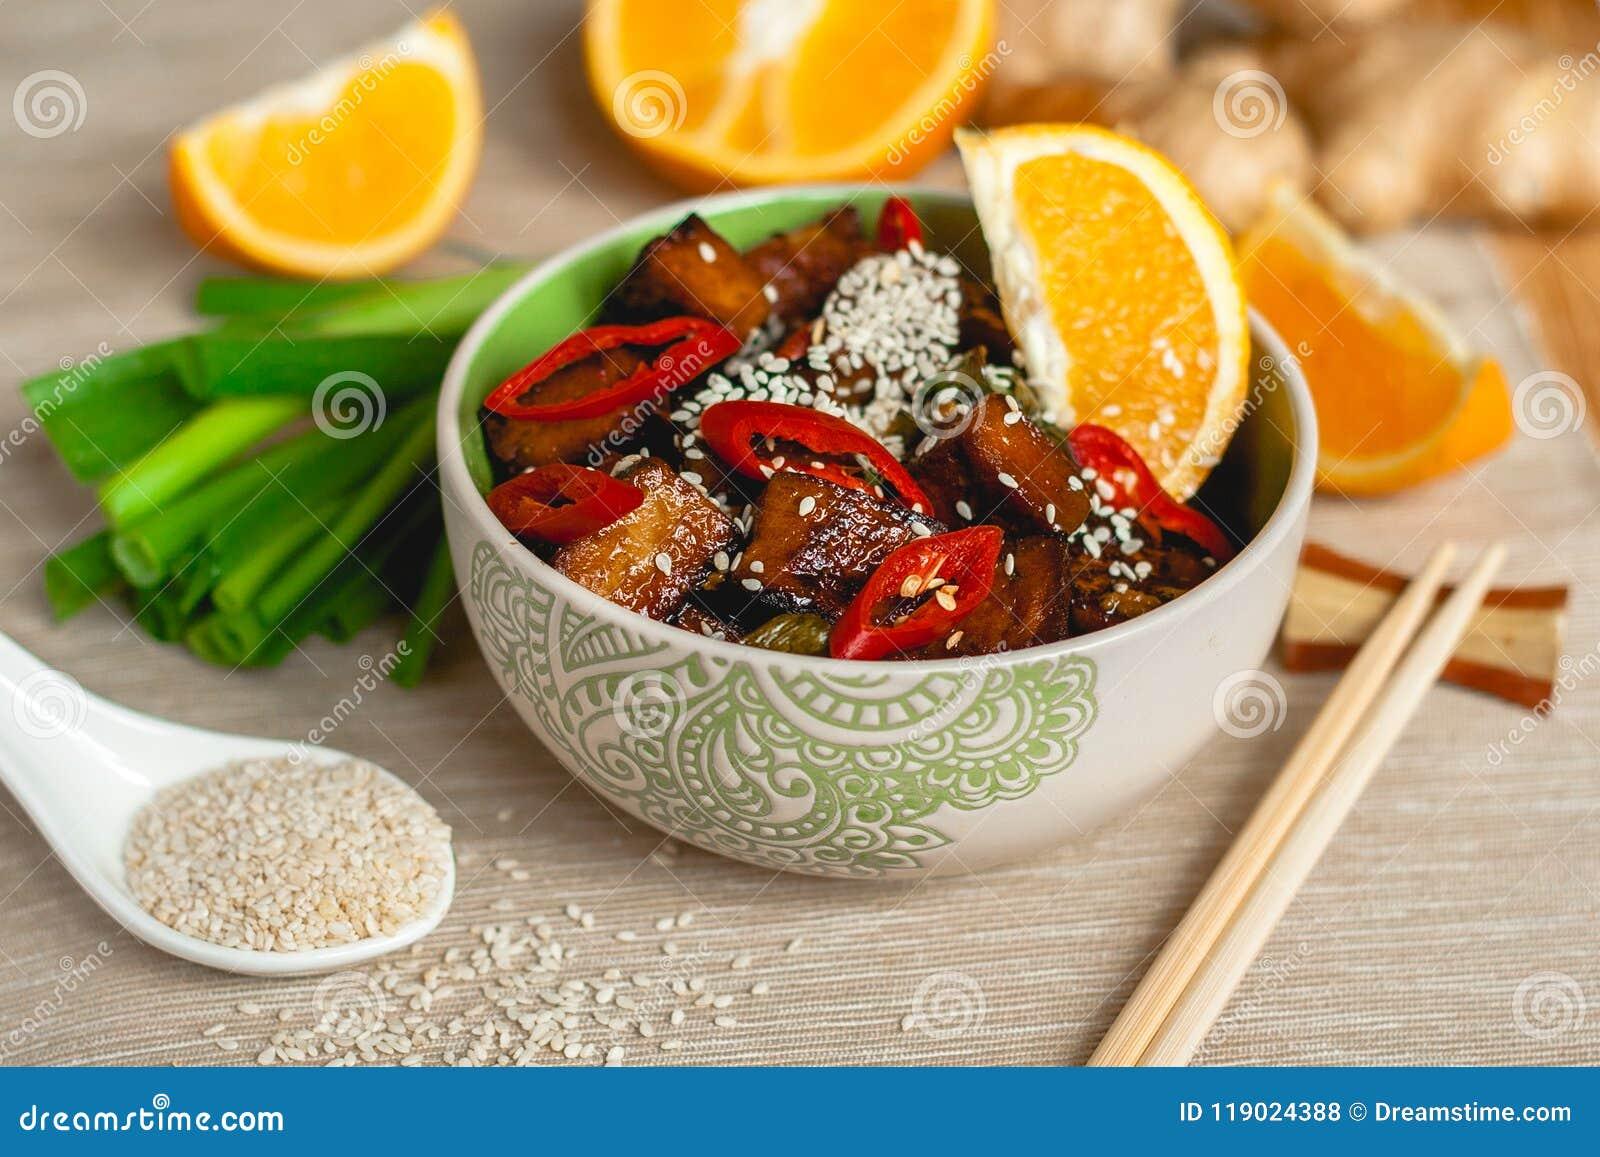 Angebratener orange Ingwertofu mit Zwiebel- und Paprikagewürzen des indischen Sesams in einer Schüssel mit Essstäbchen auf einer